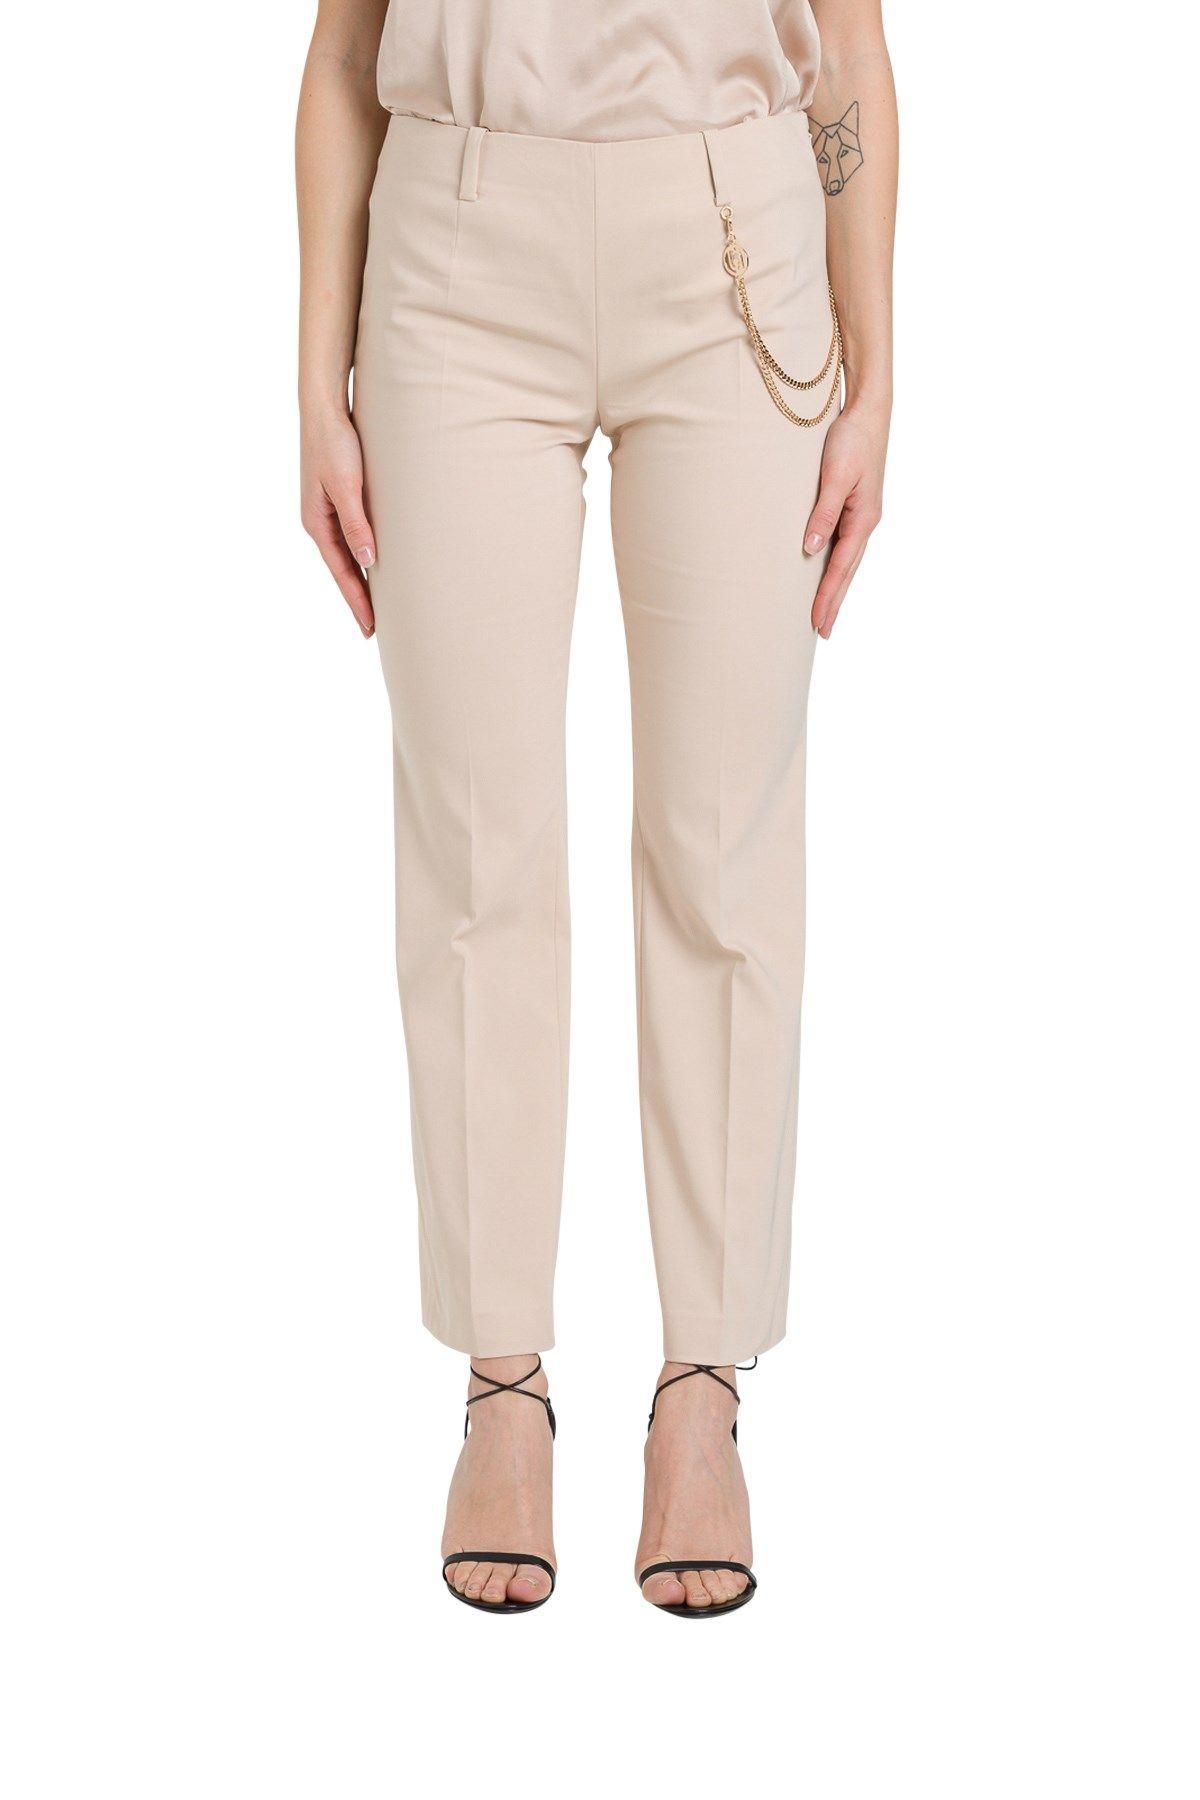 LIU JO WOMEN'S PA0059T235451309 PINK COTTON PANTS